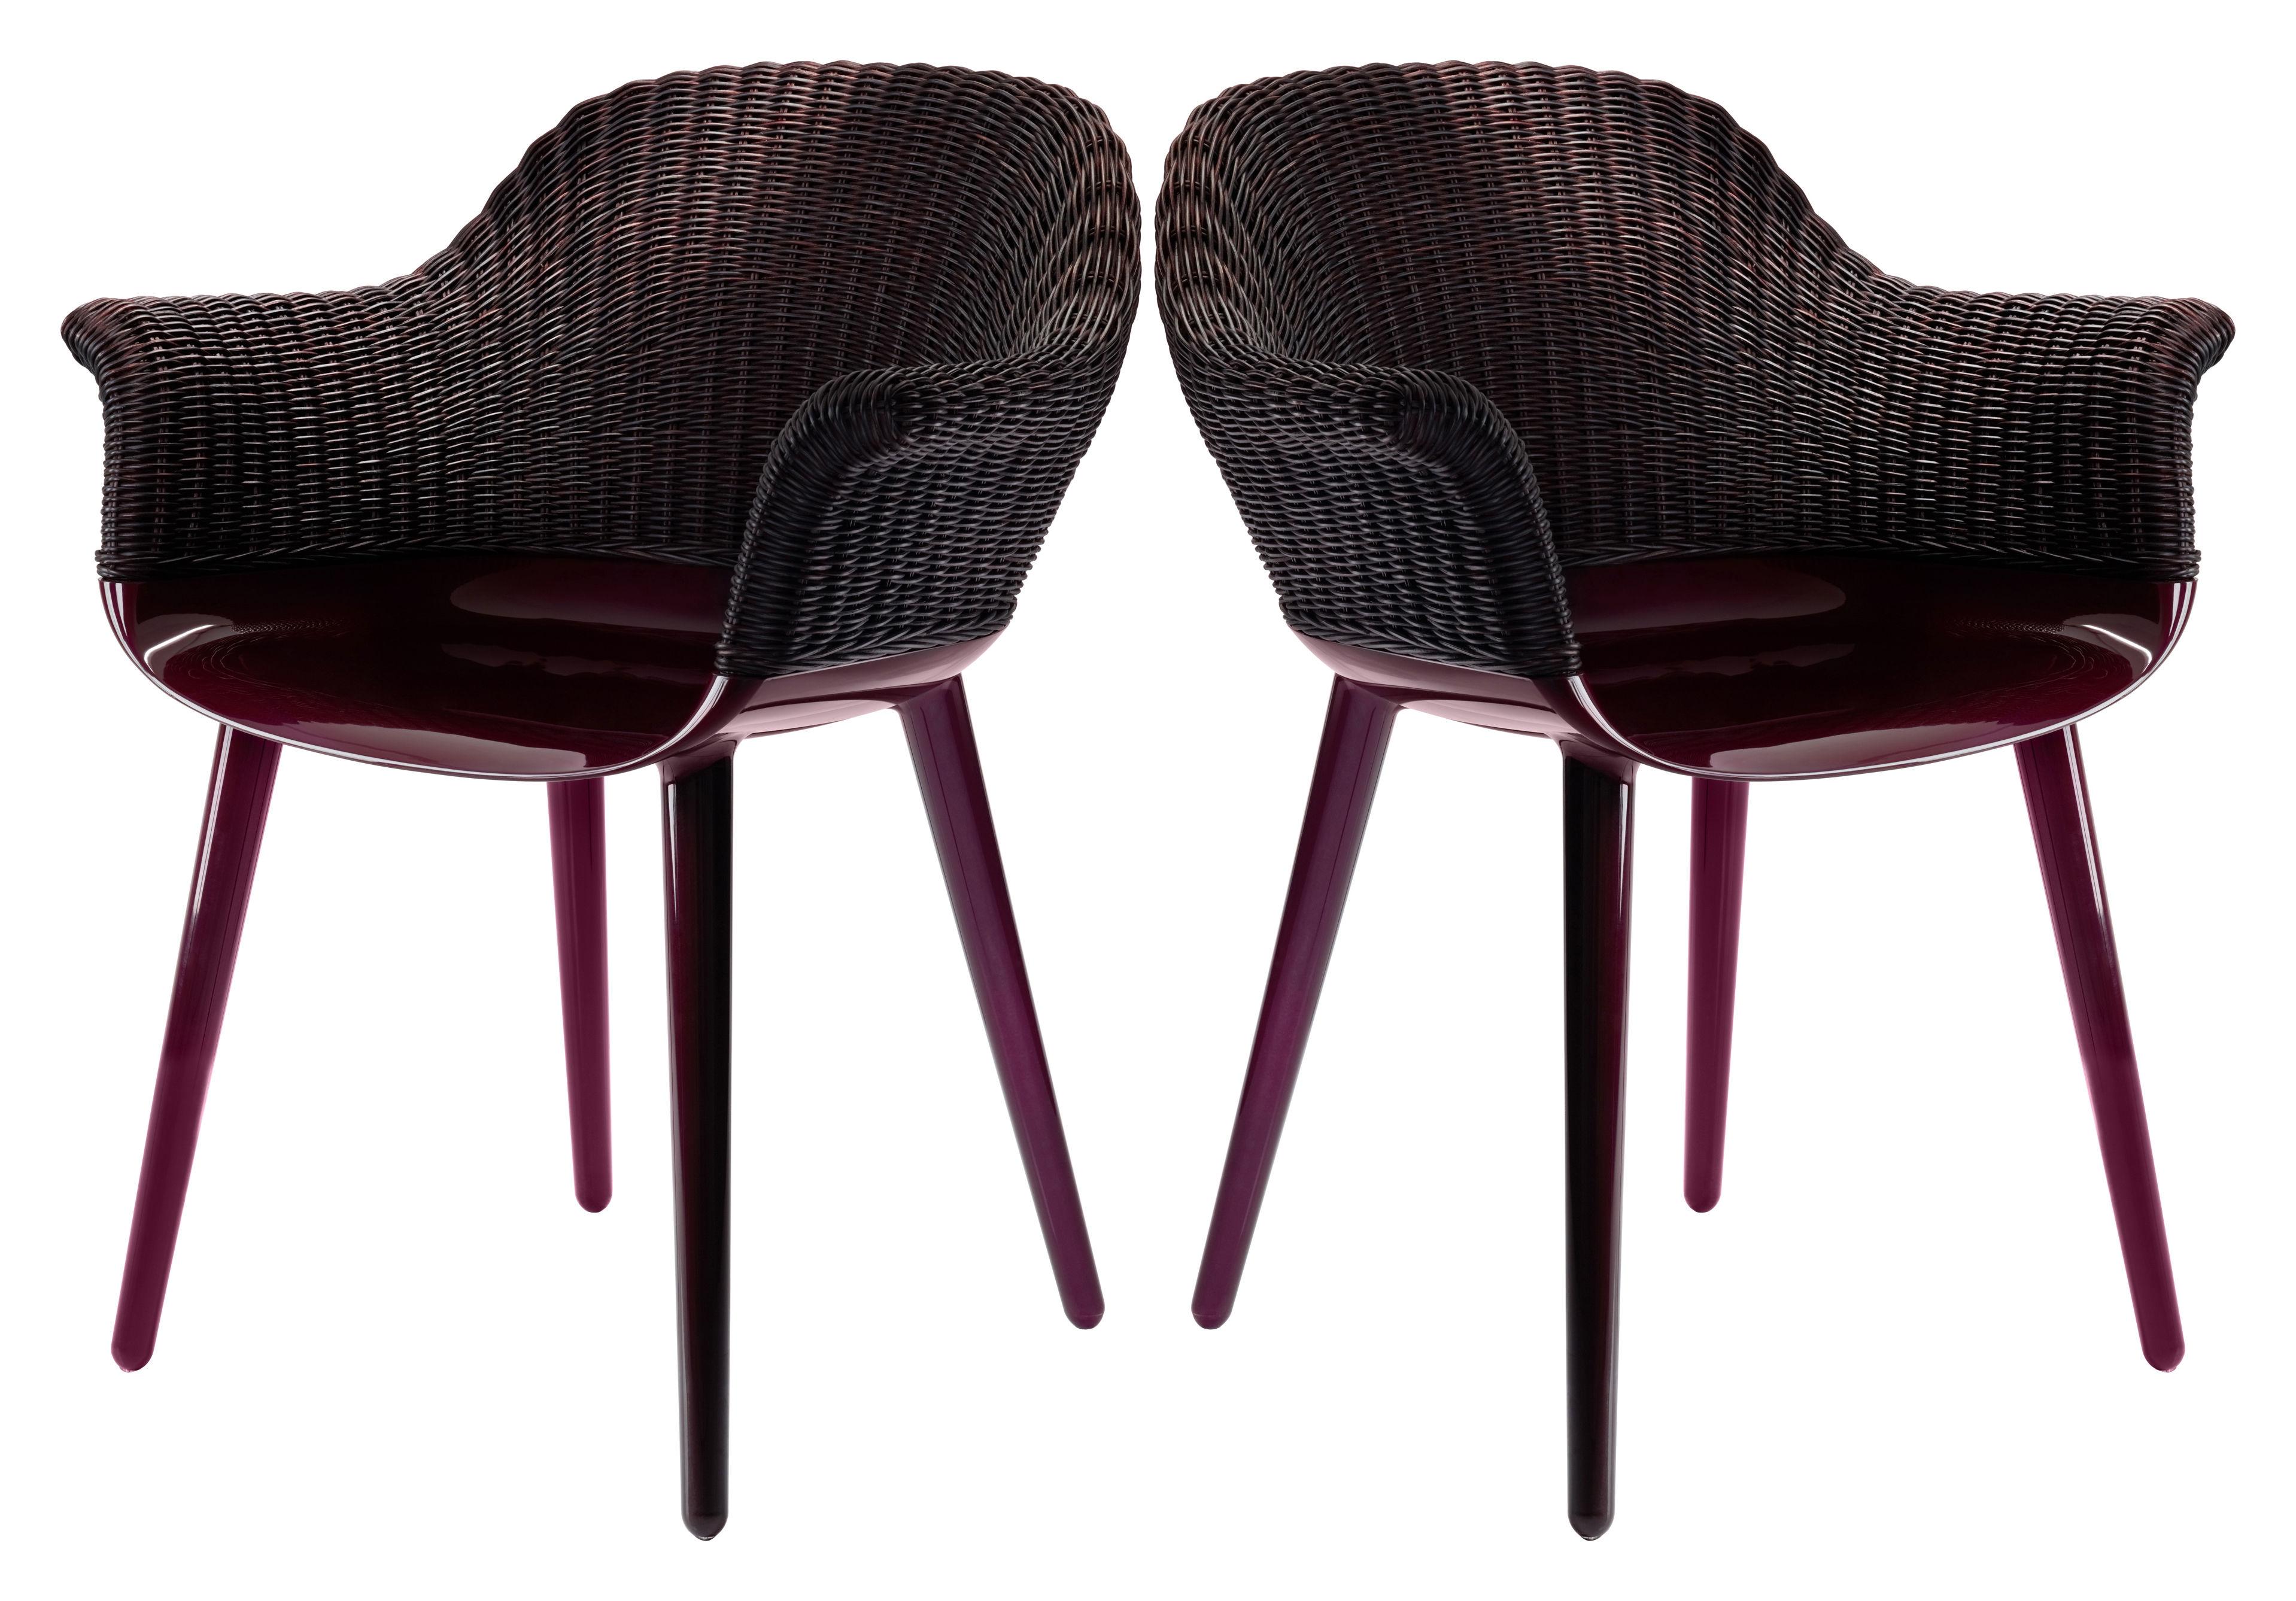 Mobilier - Chaises, fauteuils de salle à manger - Fauteuil Cyborg Cozy / Polycarbonate & dossier osier - Exclusivité - Magis - Dossier : osier prune / Piètement : prune brillant - Osier, Polycarbonate